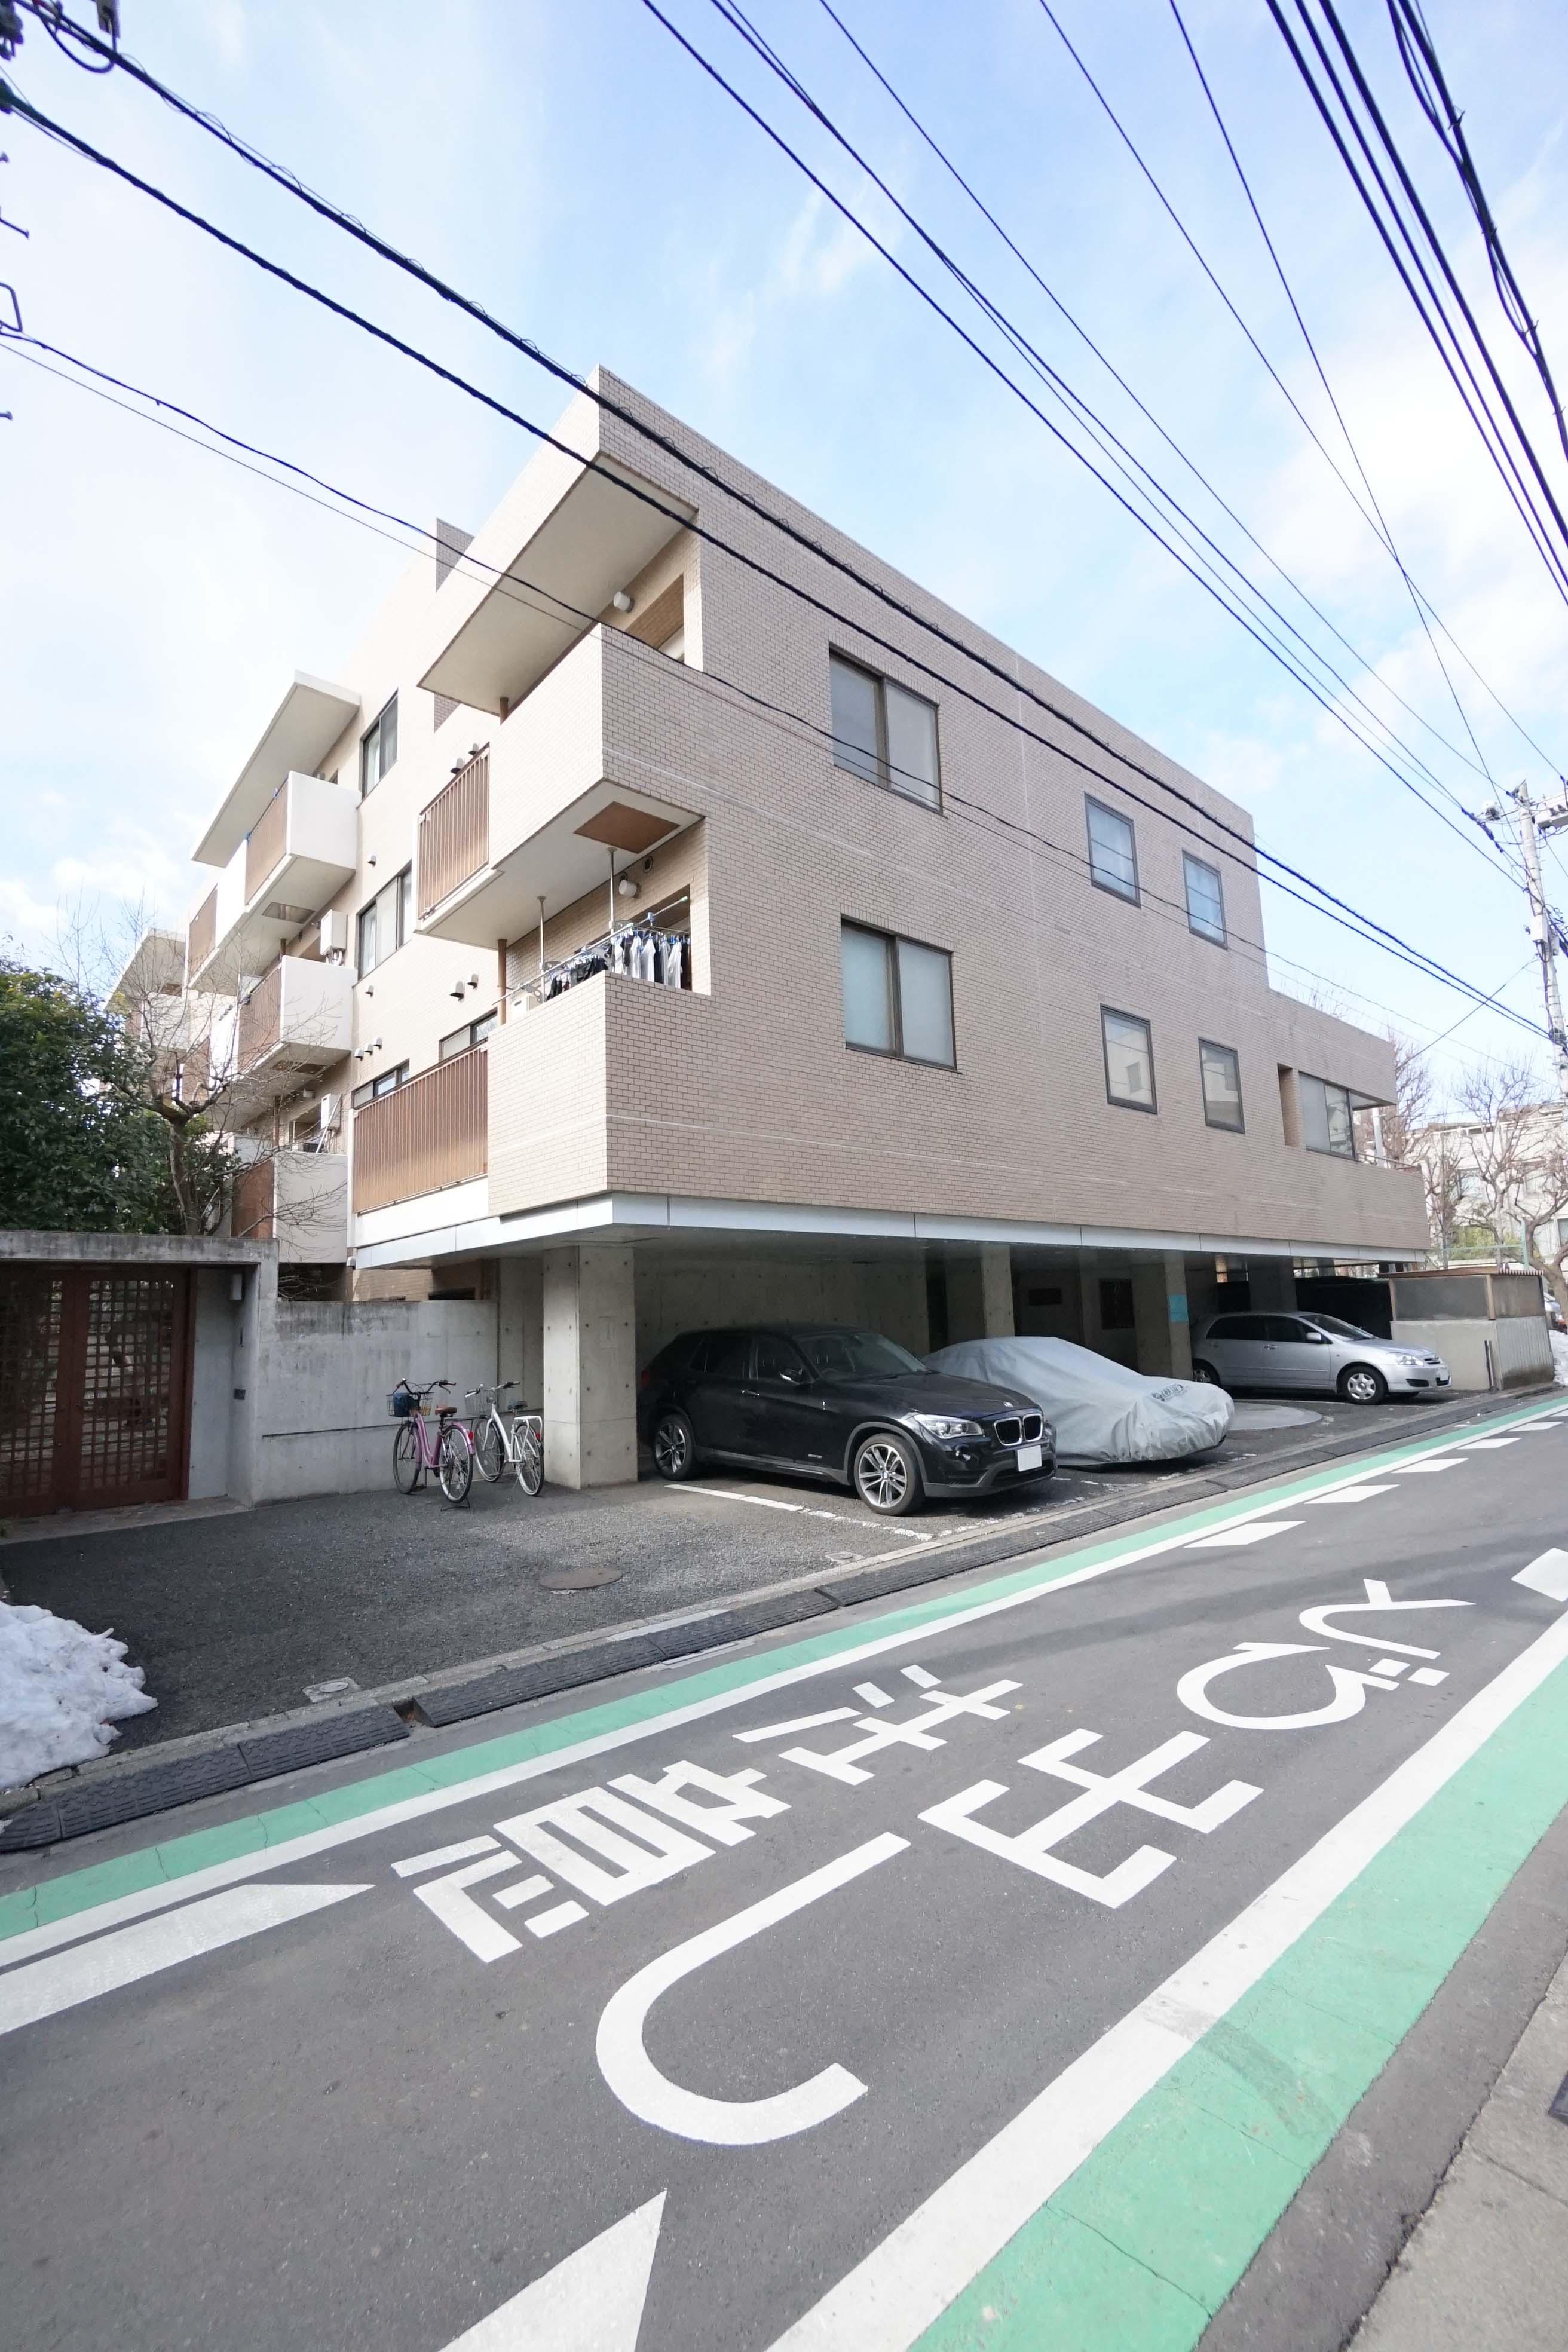 新宿の高台に位置する公園が隣接したファミリー向け賃貸物件